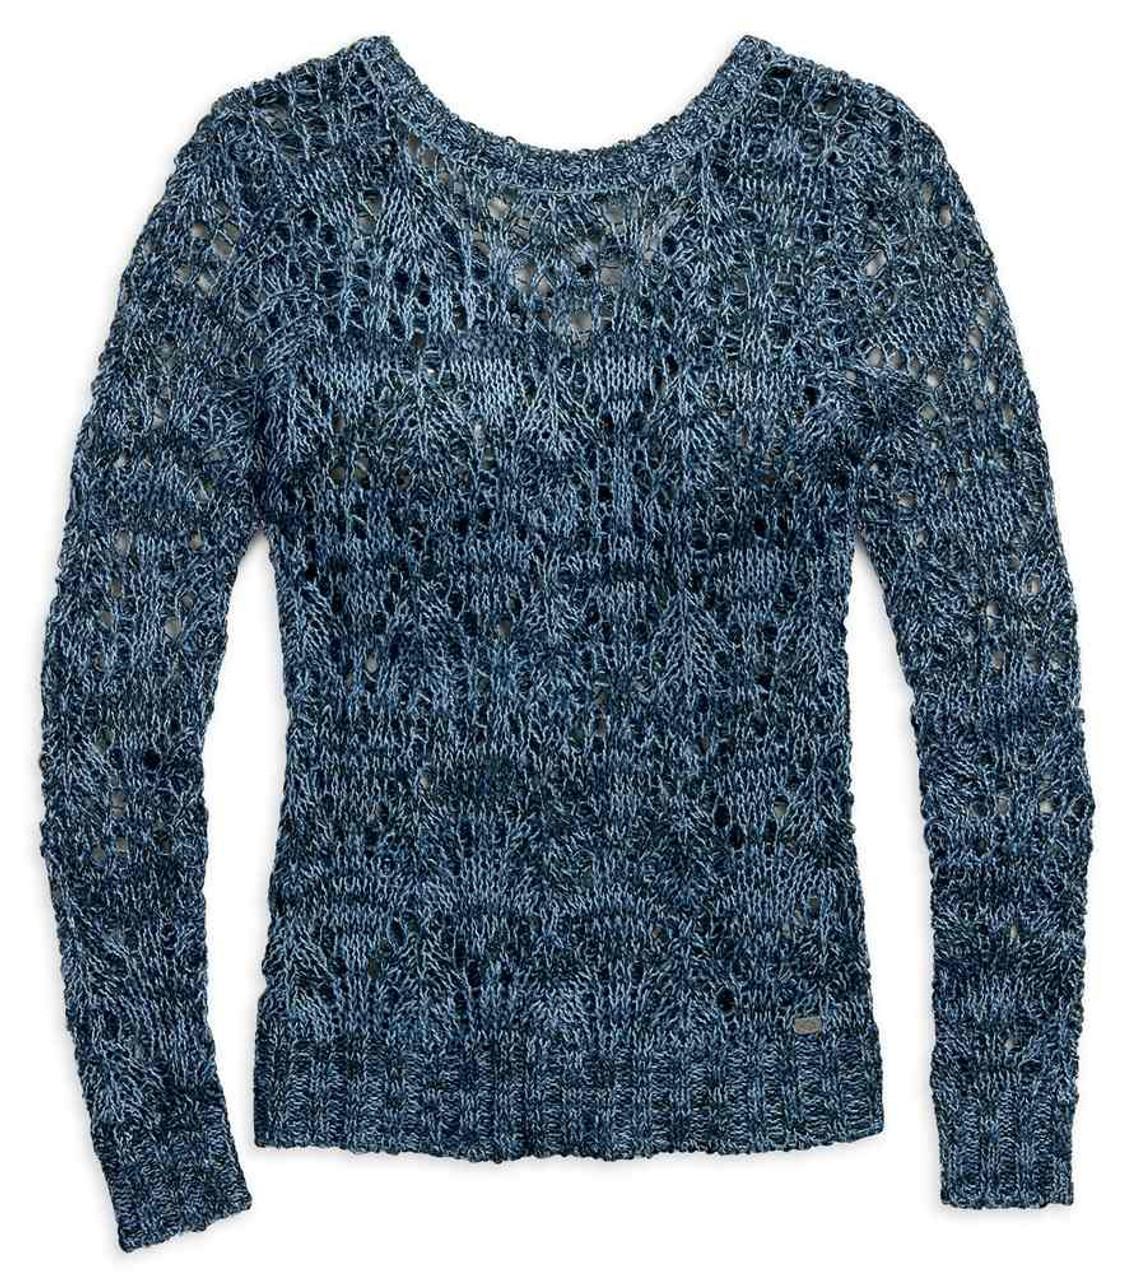 Harley-Davidson Women/'s Crossback Open Knit Long Sleeve Sweater Blue 96082-17VW